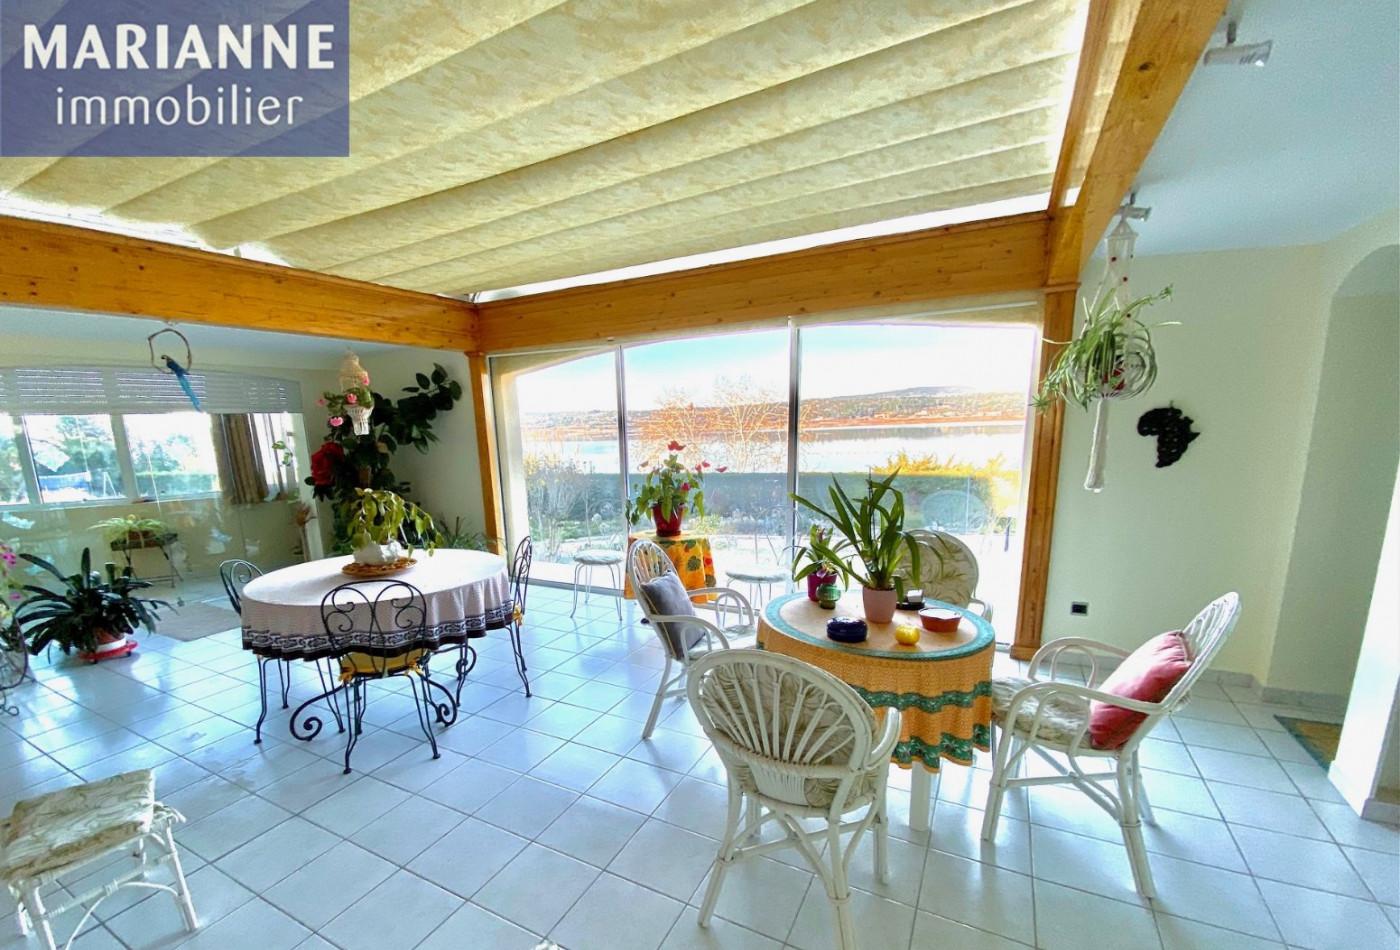 A vendre  Balaruc Les Bains   Réf 344176202 - Marianne immobilier